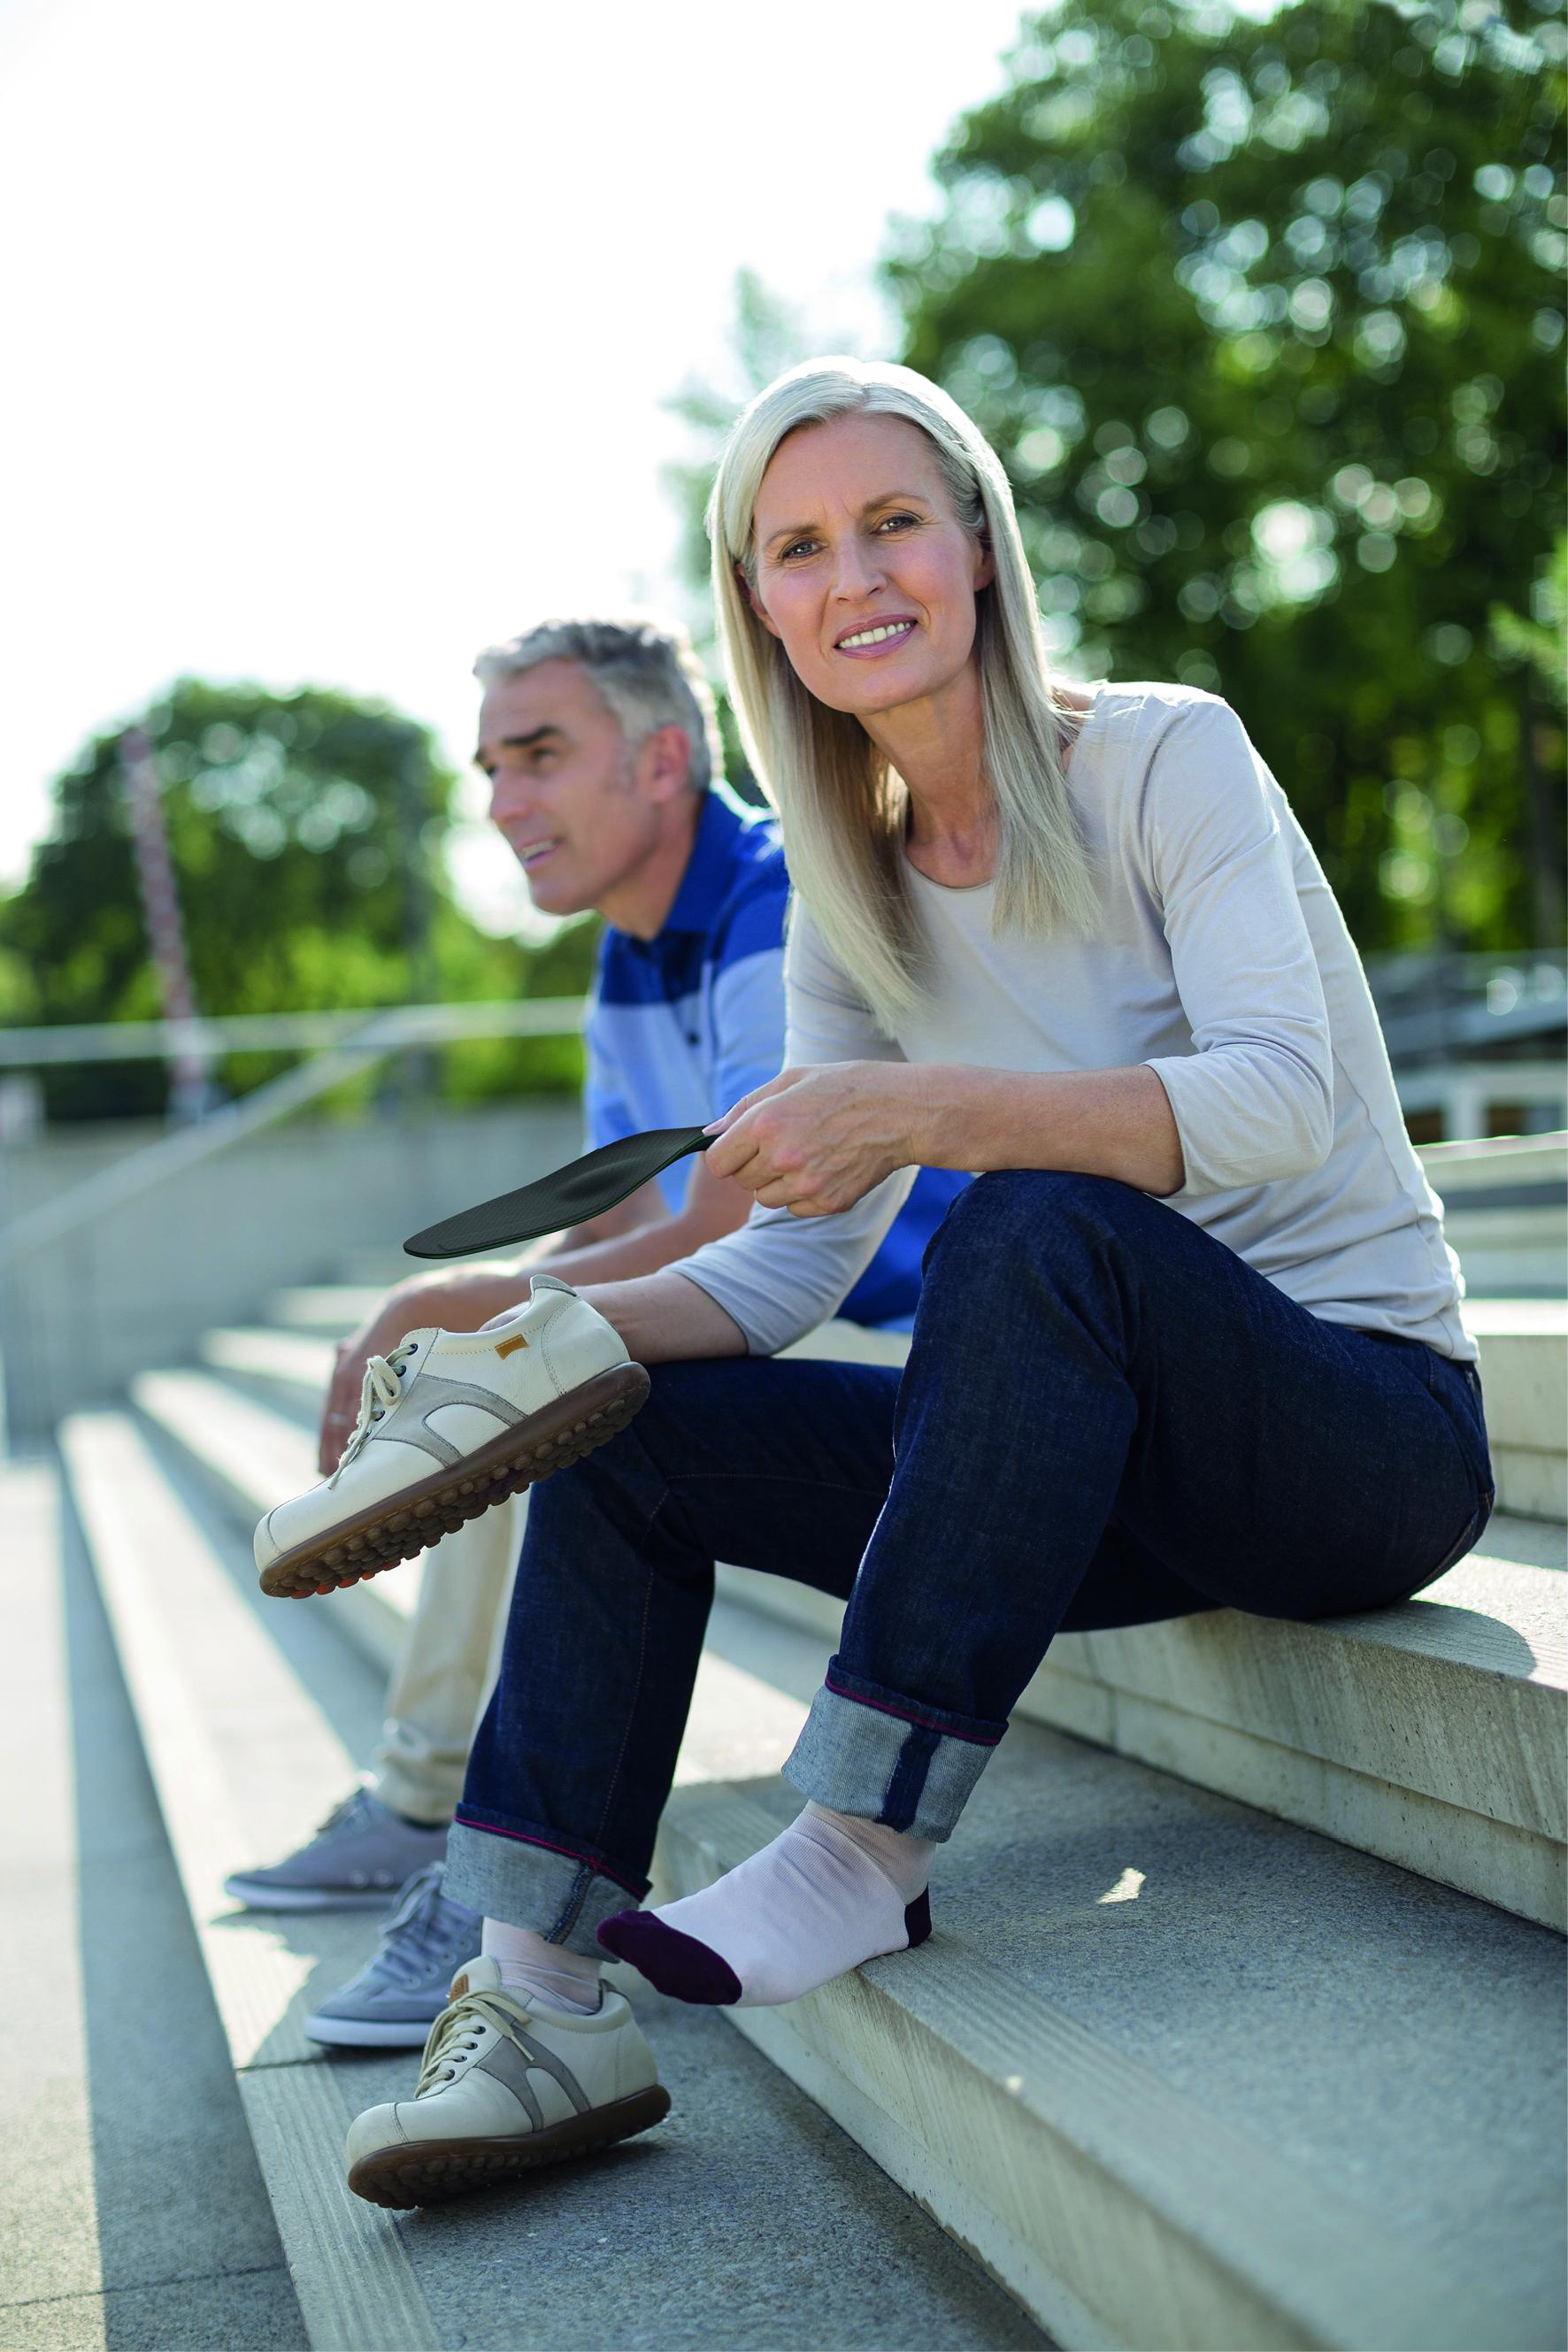 Eine Frau zieht sich ihre Schuhe, mit spezieller Schuheinlage an. Diese lindern die Schmerzen, der Arthrose des Großzehengrundgelenks.